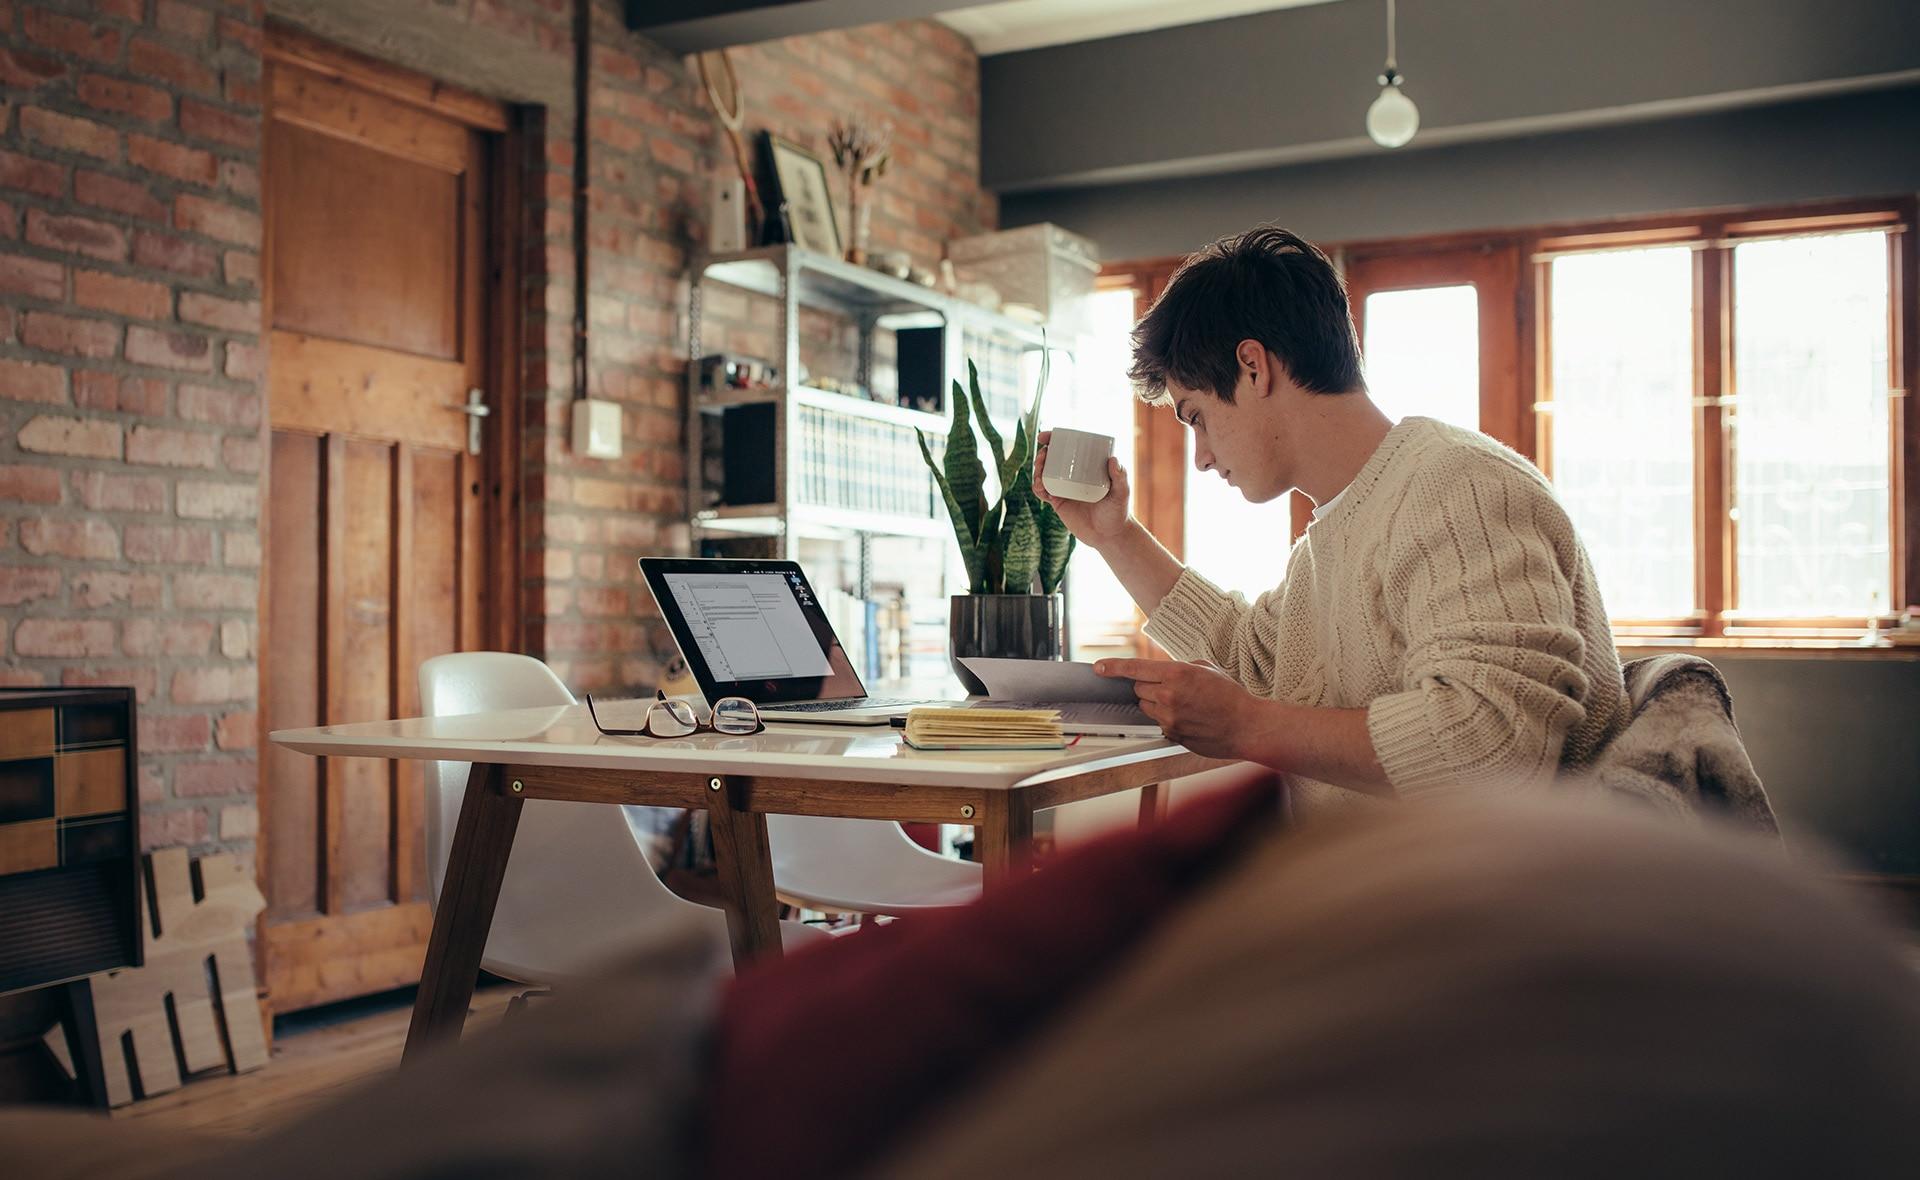 BBVA-teletrabajo-ciberseguridad-empleo-casa-hogar-seguridad